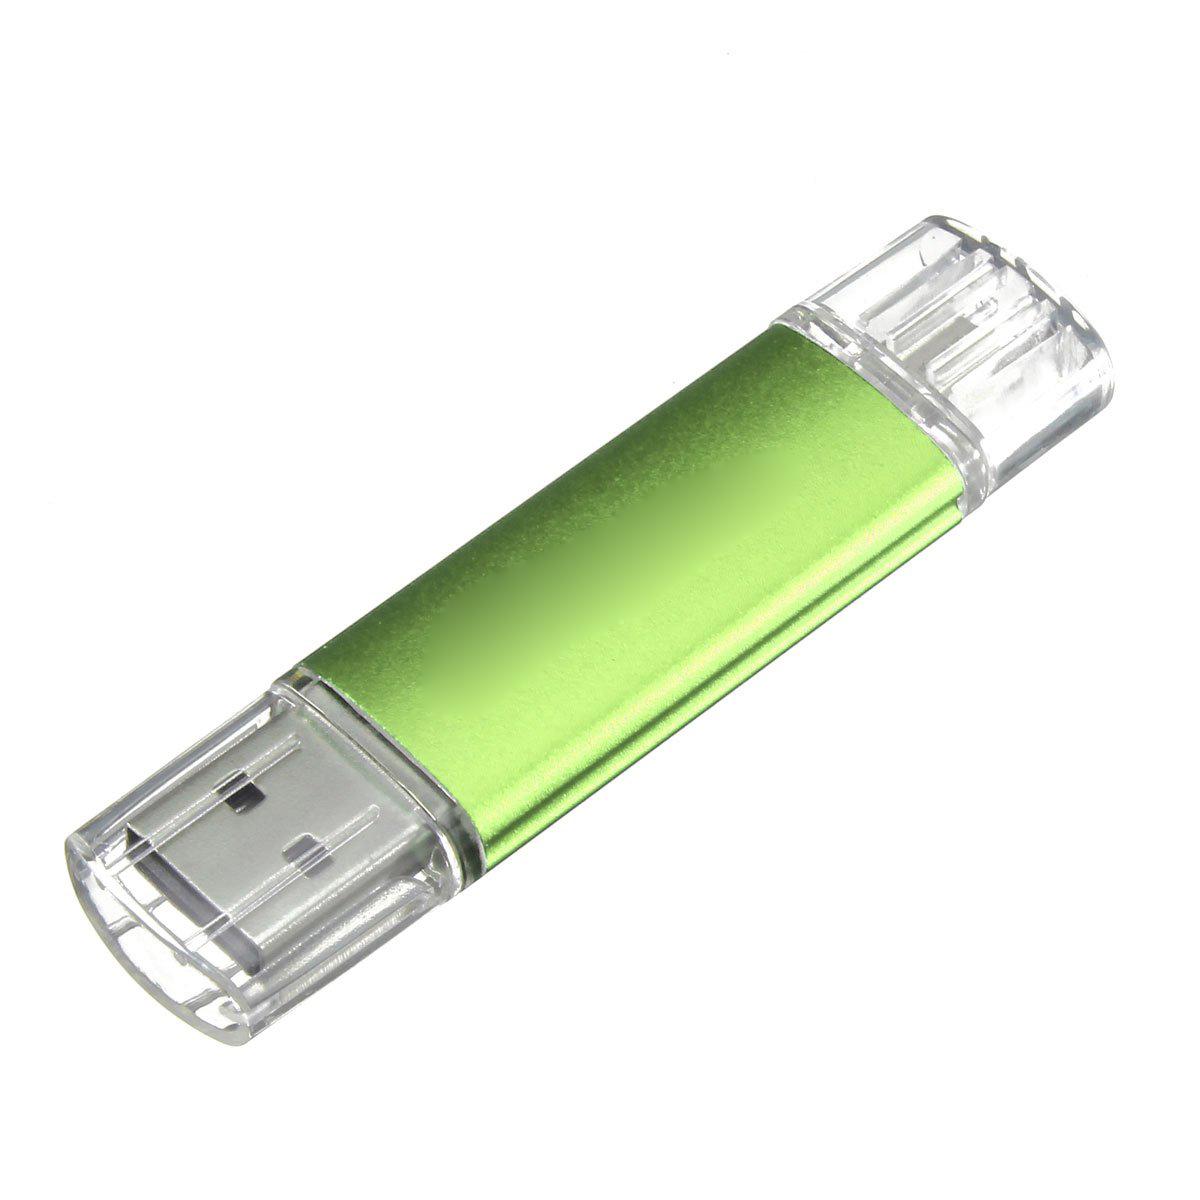 usb memory stick otg mini usb flash drive mobile pc d1m3. Black Bedroom Furniture Sets. Home Design Ideas